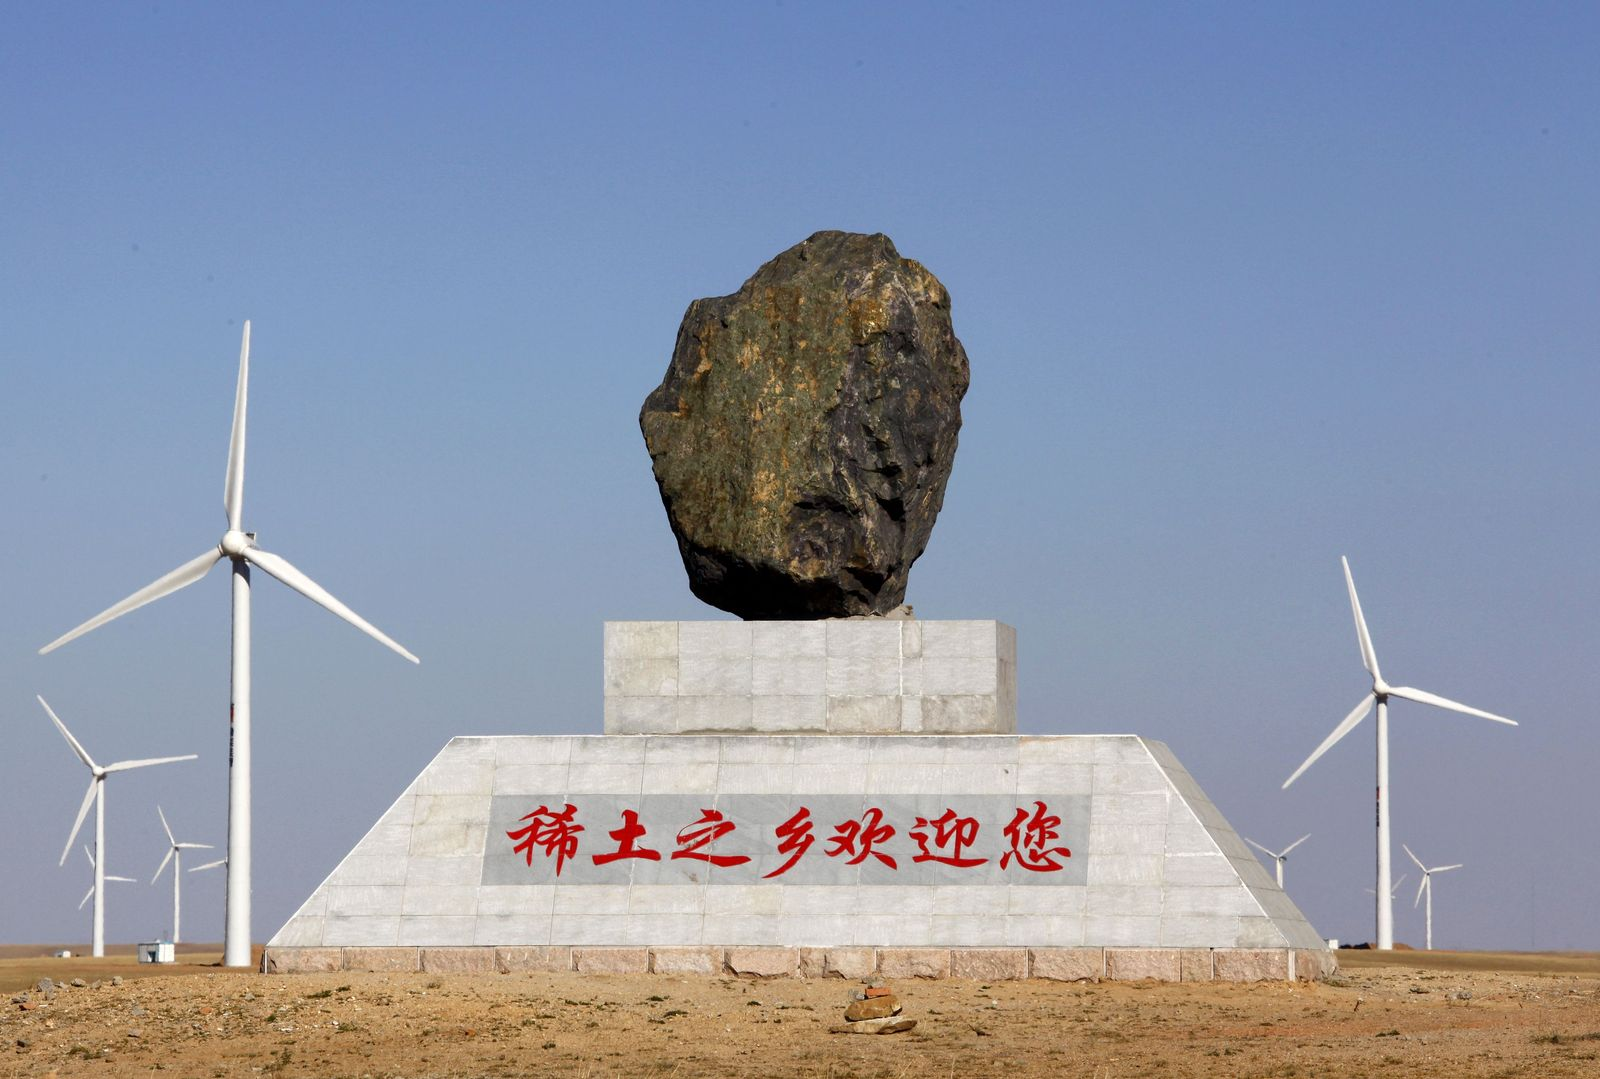 Seltene Erden / Monument